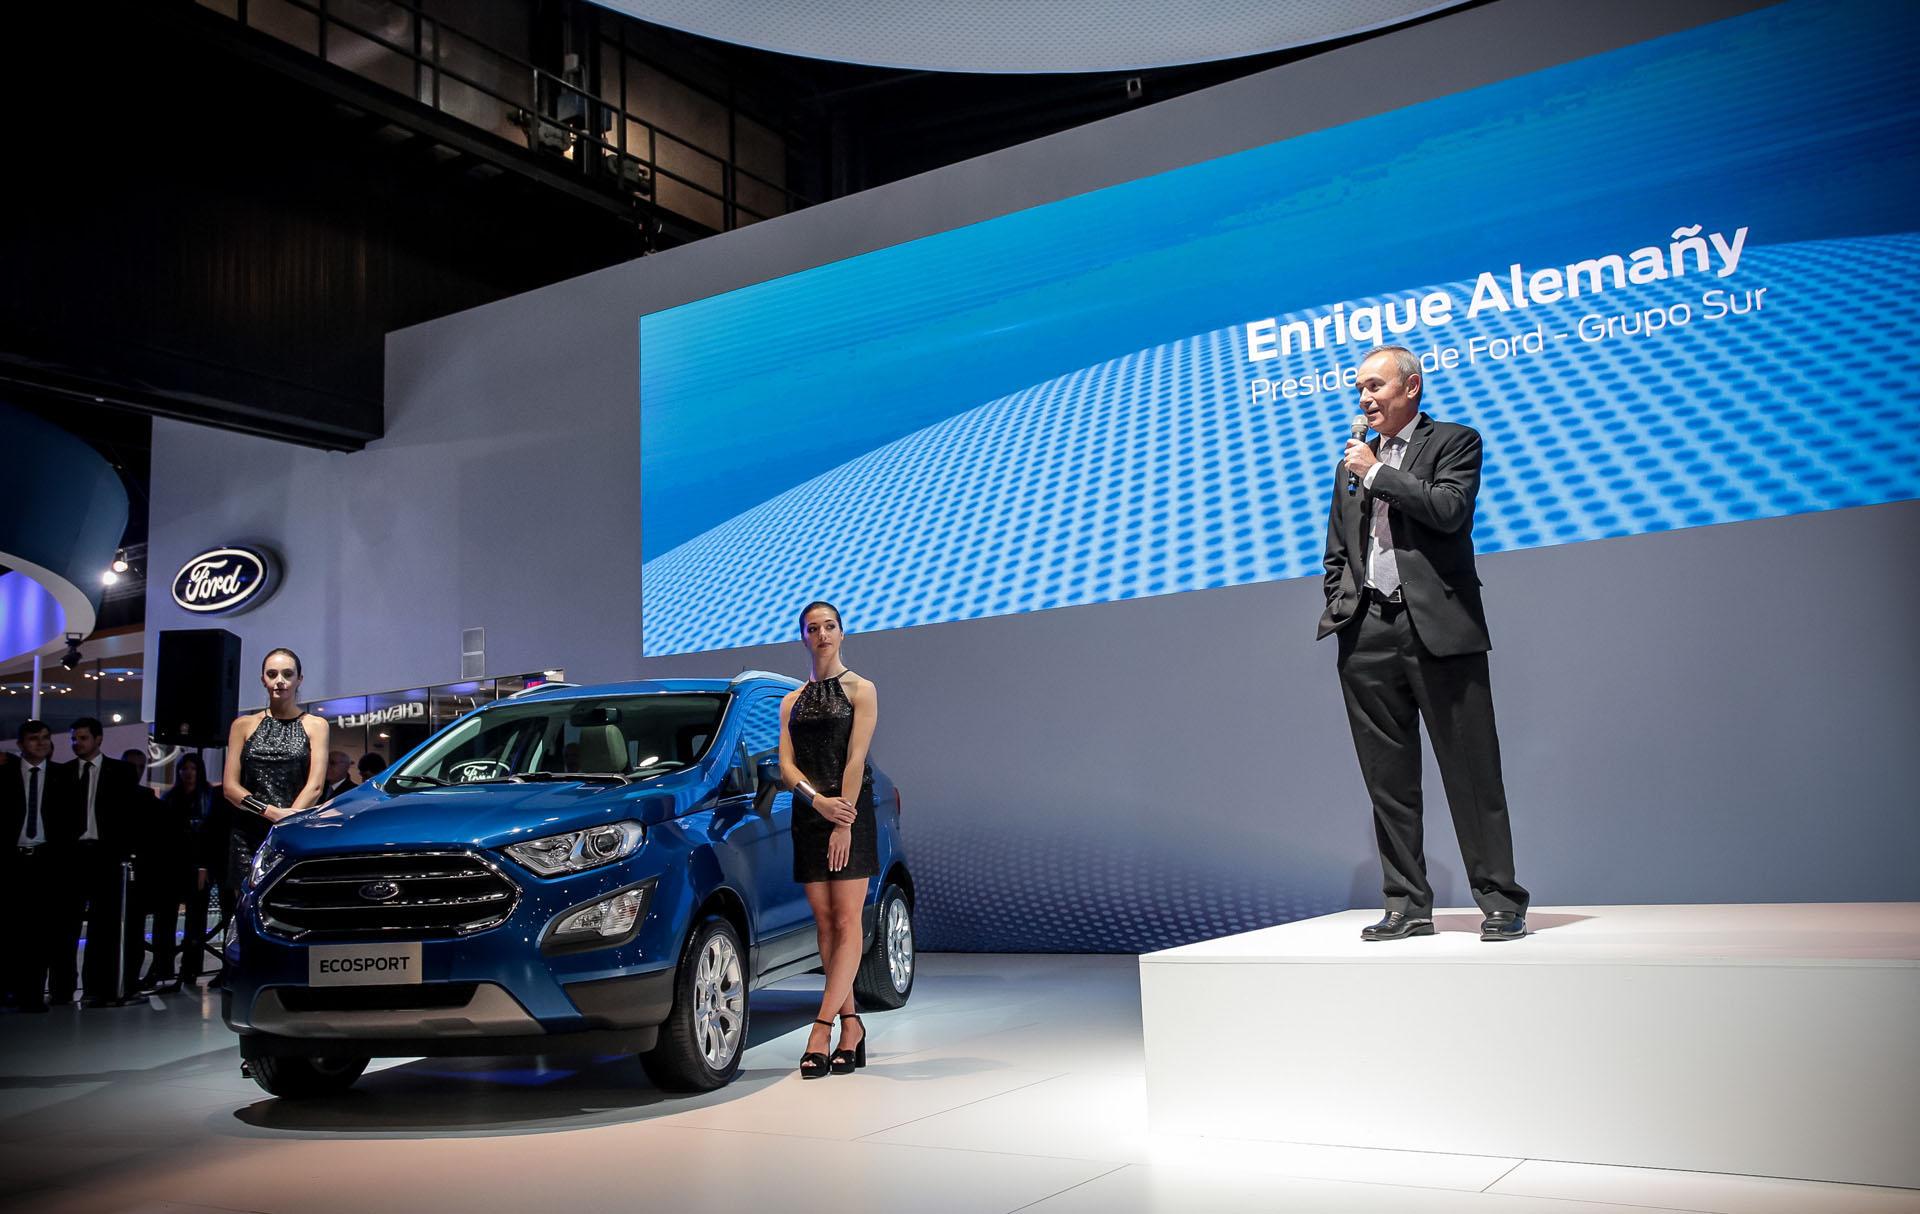 Presentación de la Nueva Ecoport con Enrique Alemañy, Presidente de Ford Grupo Sur